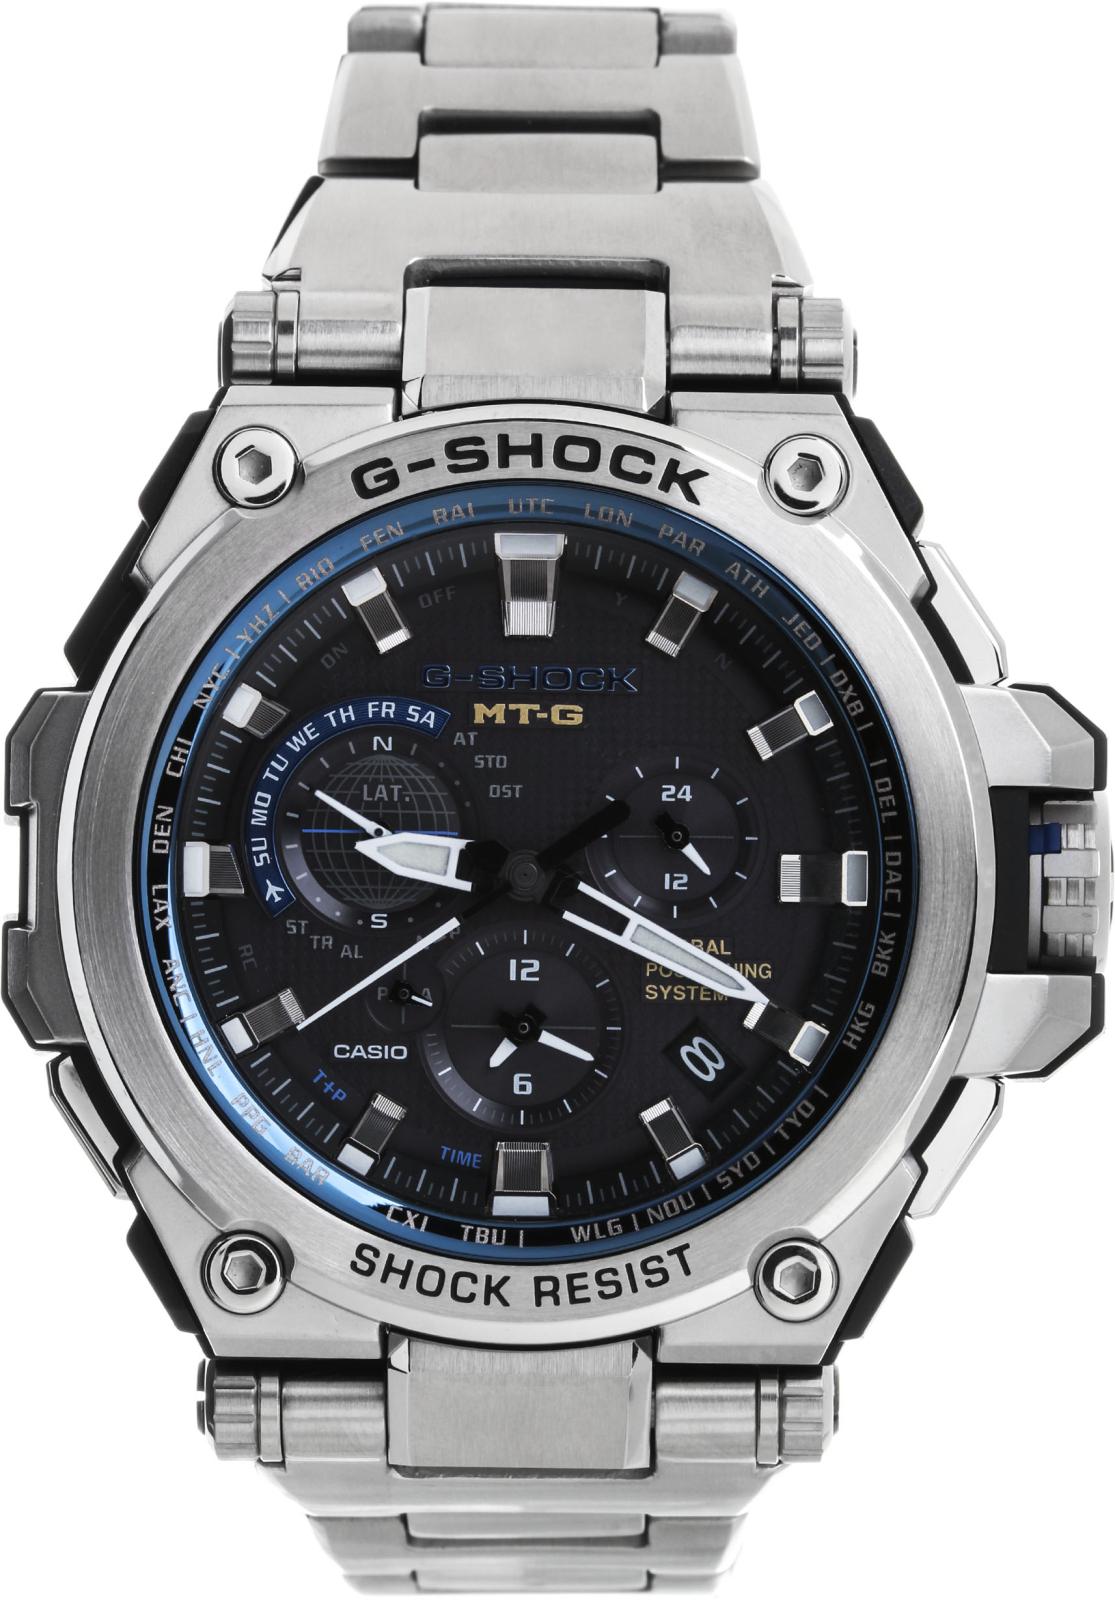 Купить Японские часыCasioG-ShockMTG-G1000D-1A2, Casio MTG-G1000D-1A2, Casio G-shock